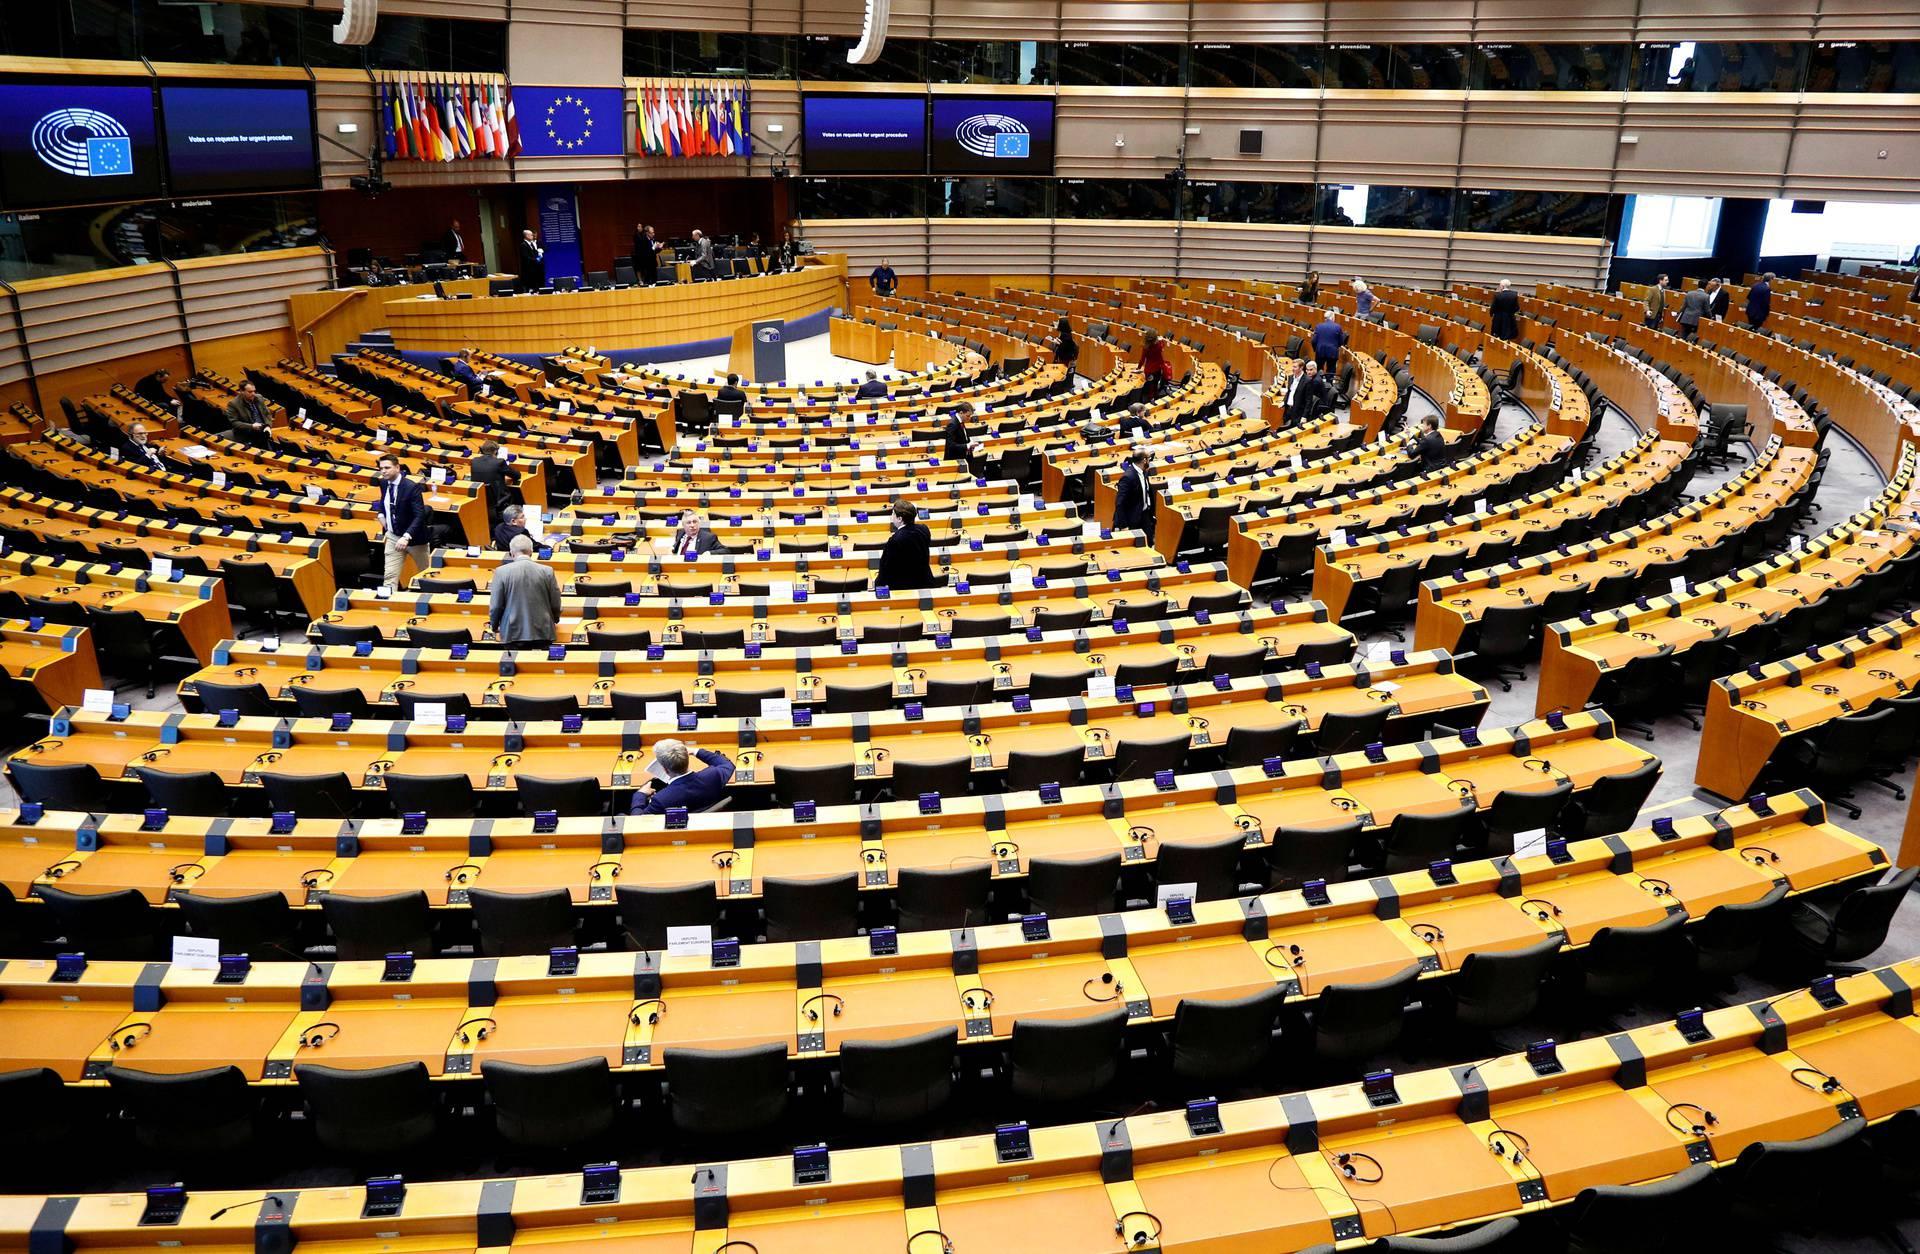 Tijelo Vijeća Europe poziva sve članice u borbu protiv korupcije